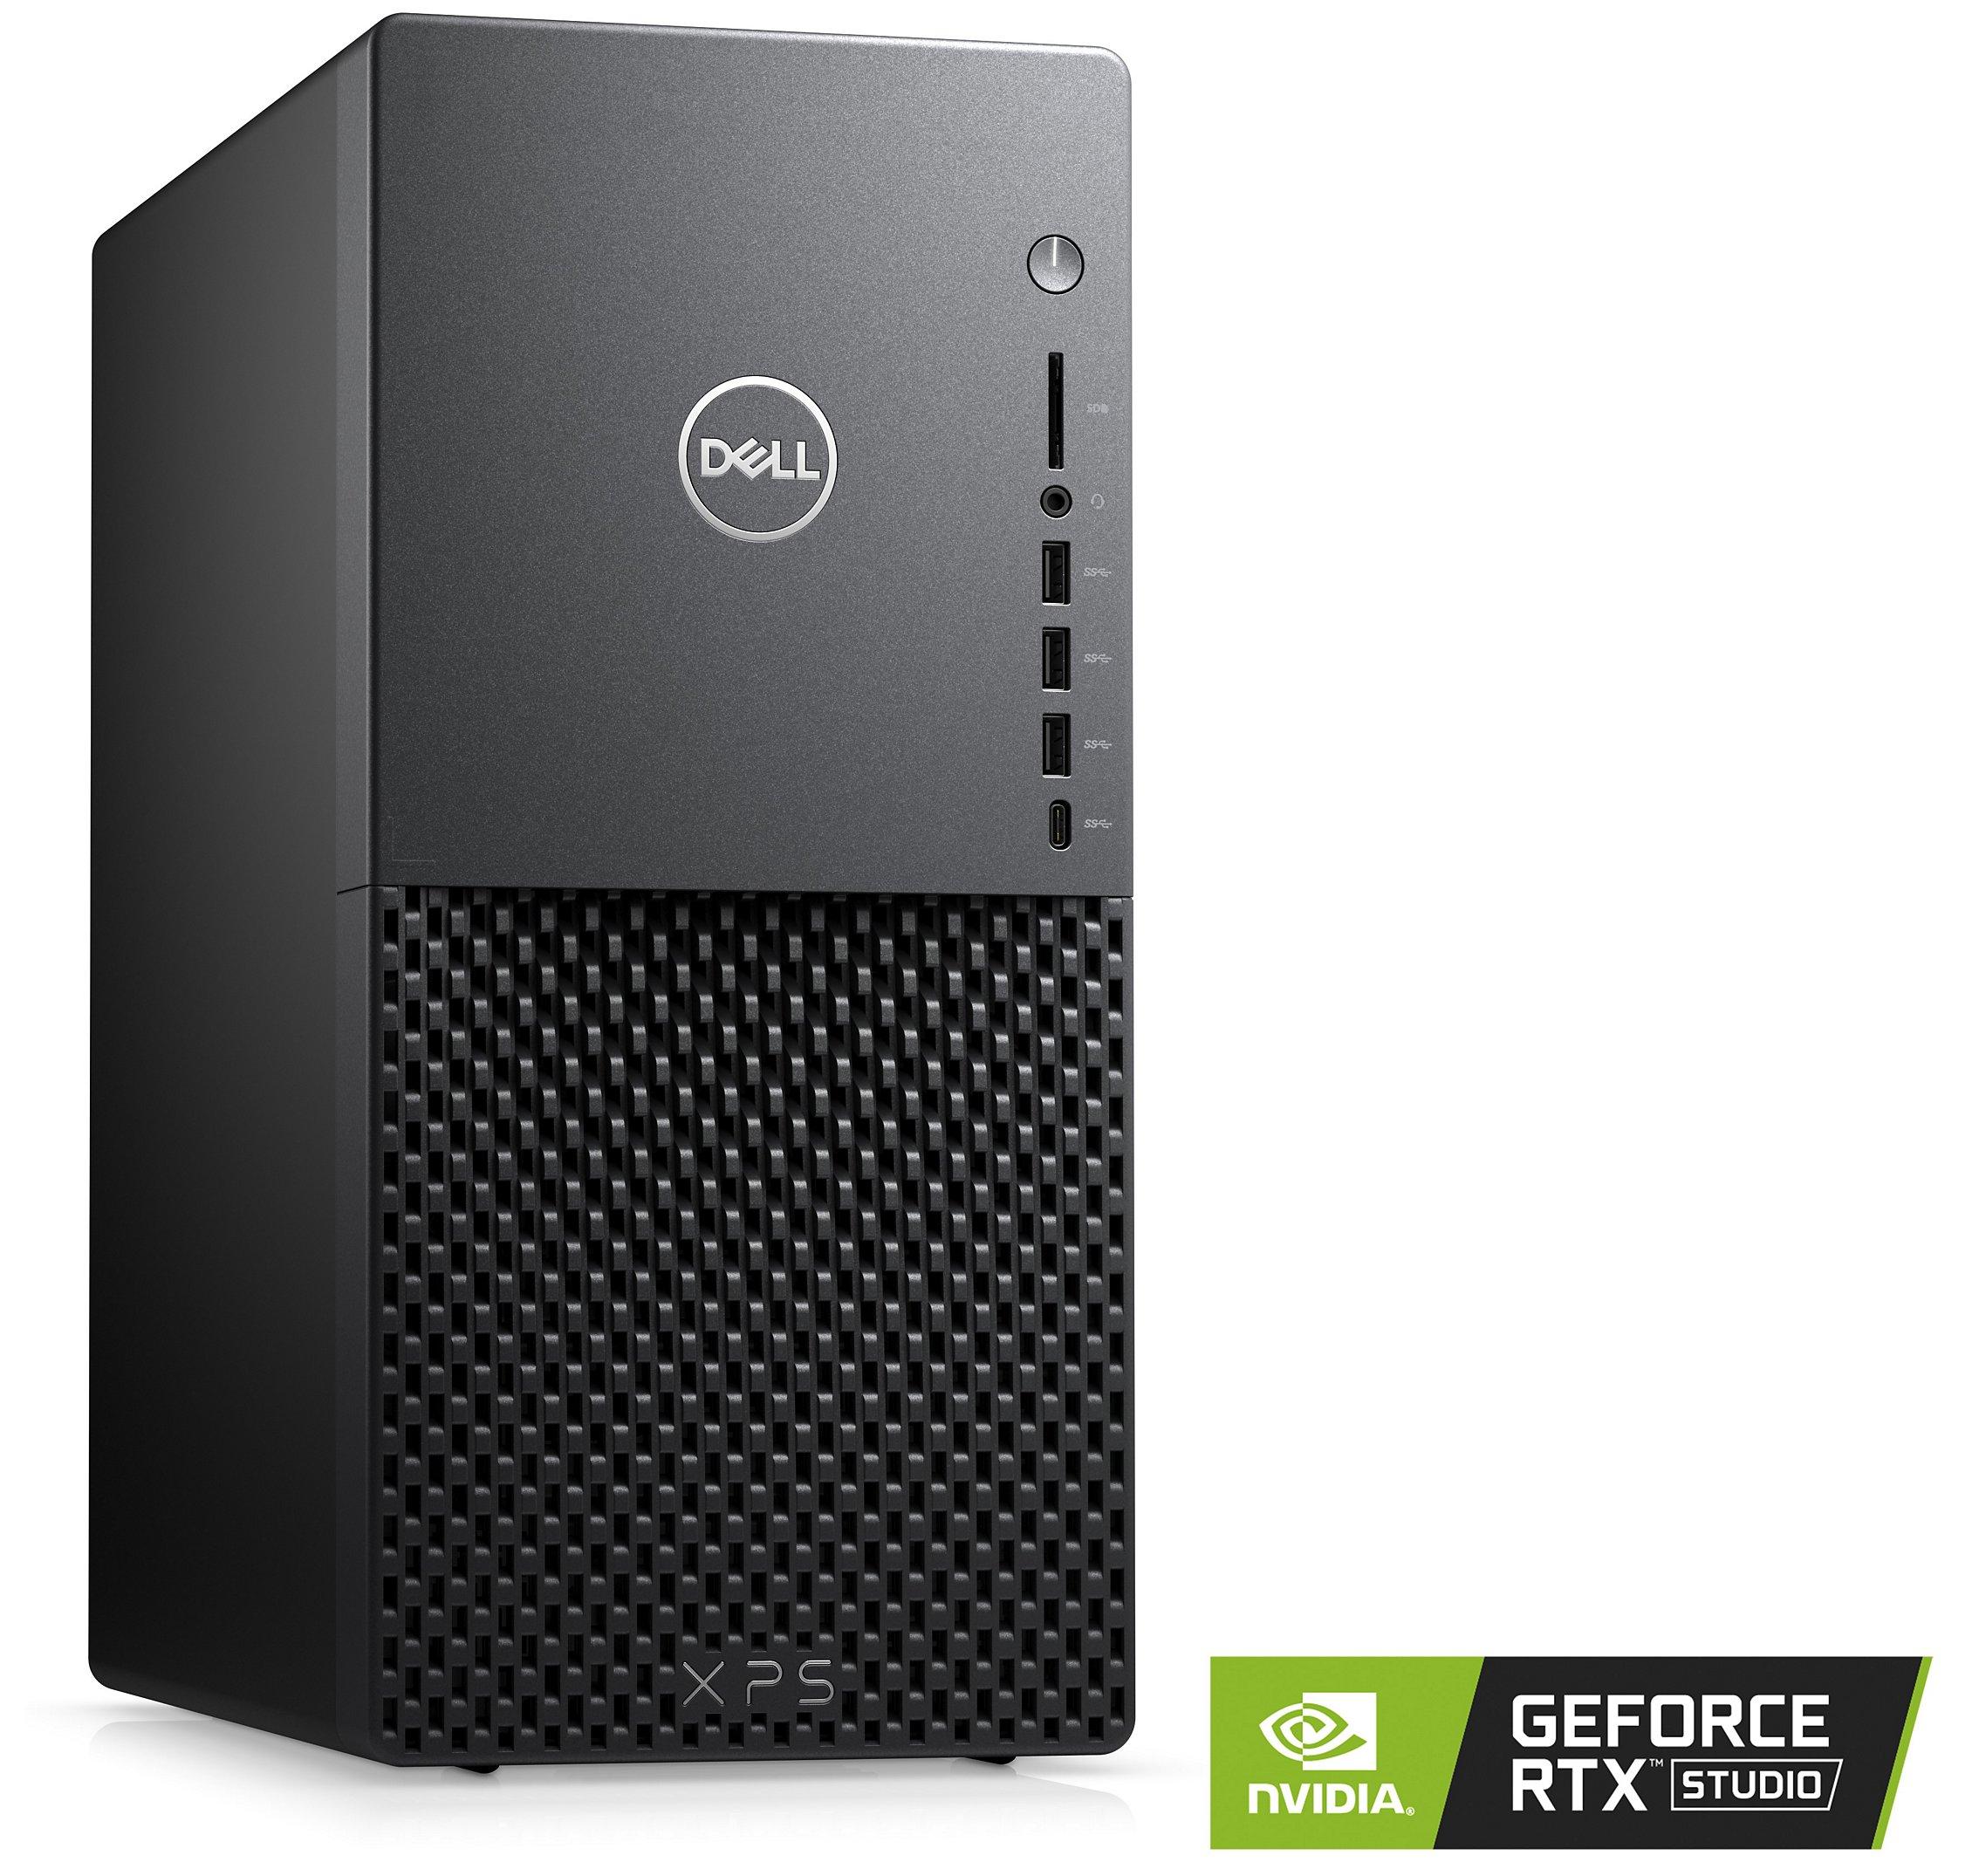 Dell XPS Desktop: i7-10700, RTX 2060 SUPER, 256GB SSD + 2TB HDD, 16GB RAM, Win 10 Pro - $1,049 + free s/h